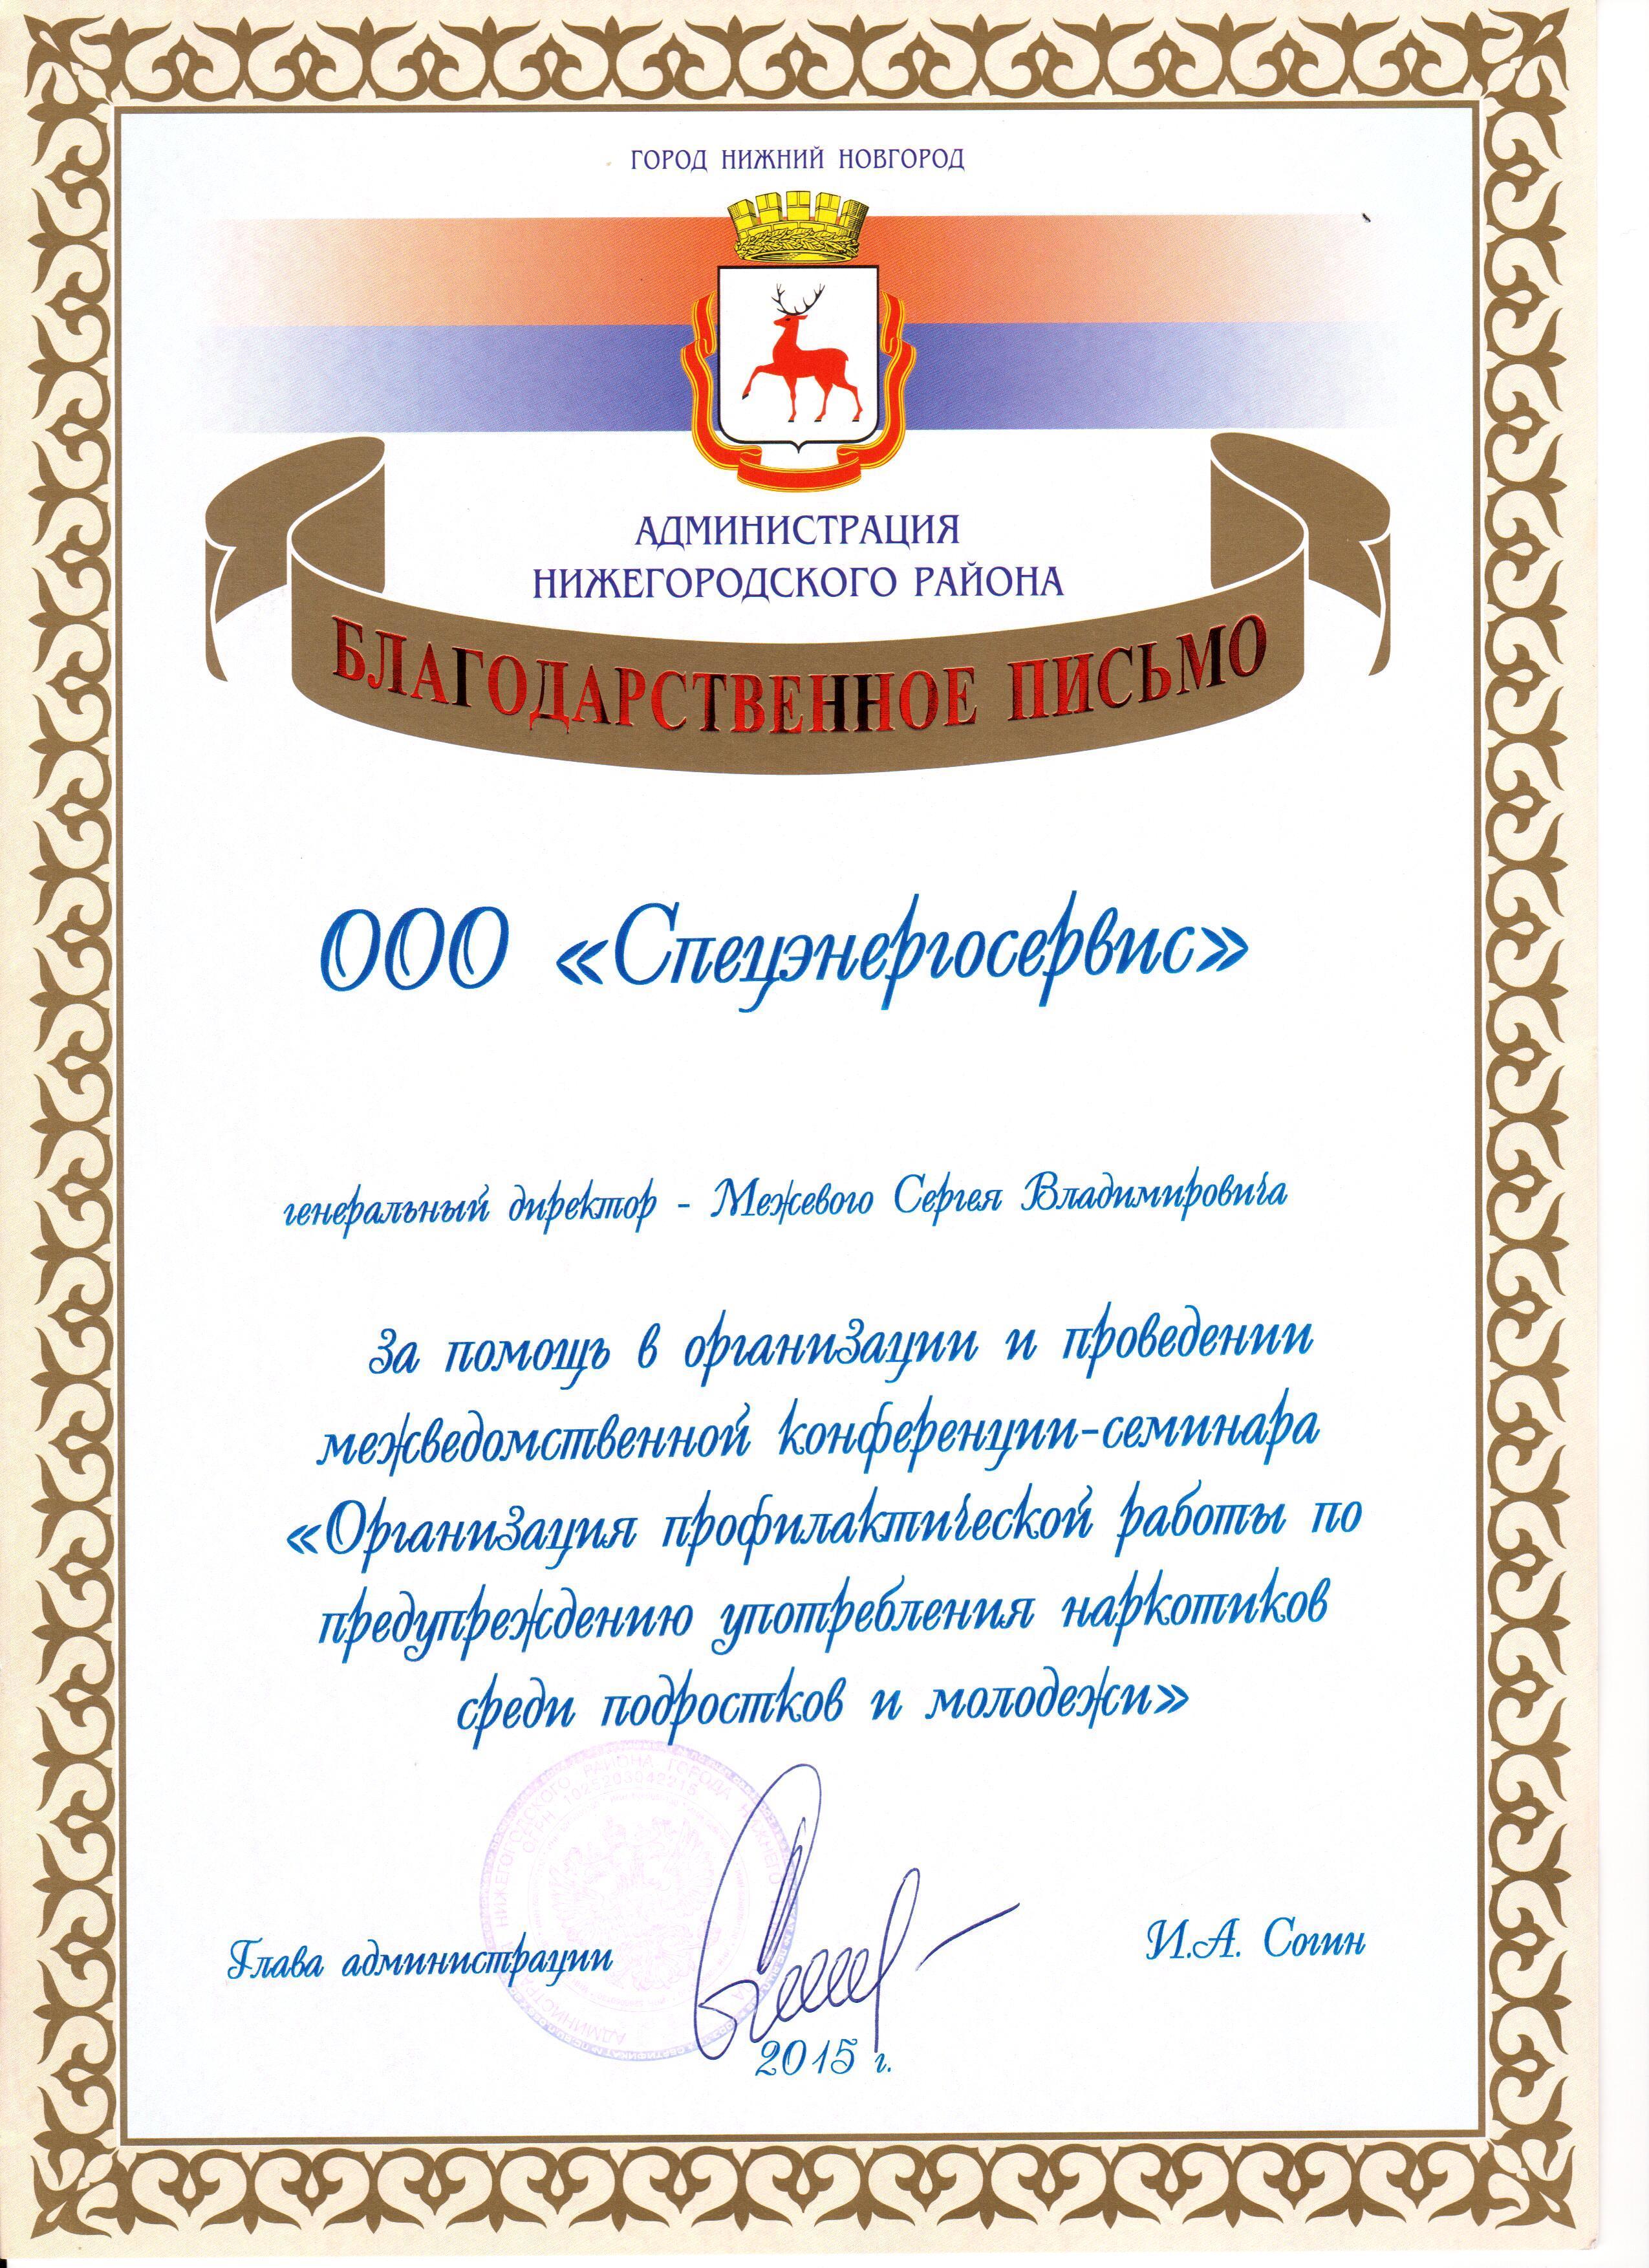 Administratciia-Nizhegorodskogo-r-na-2015